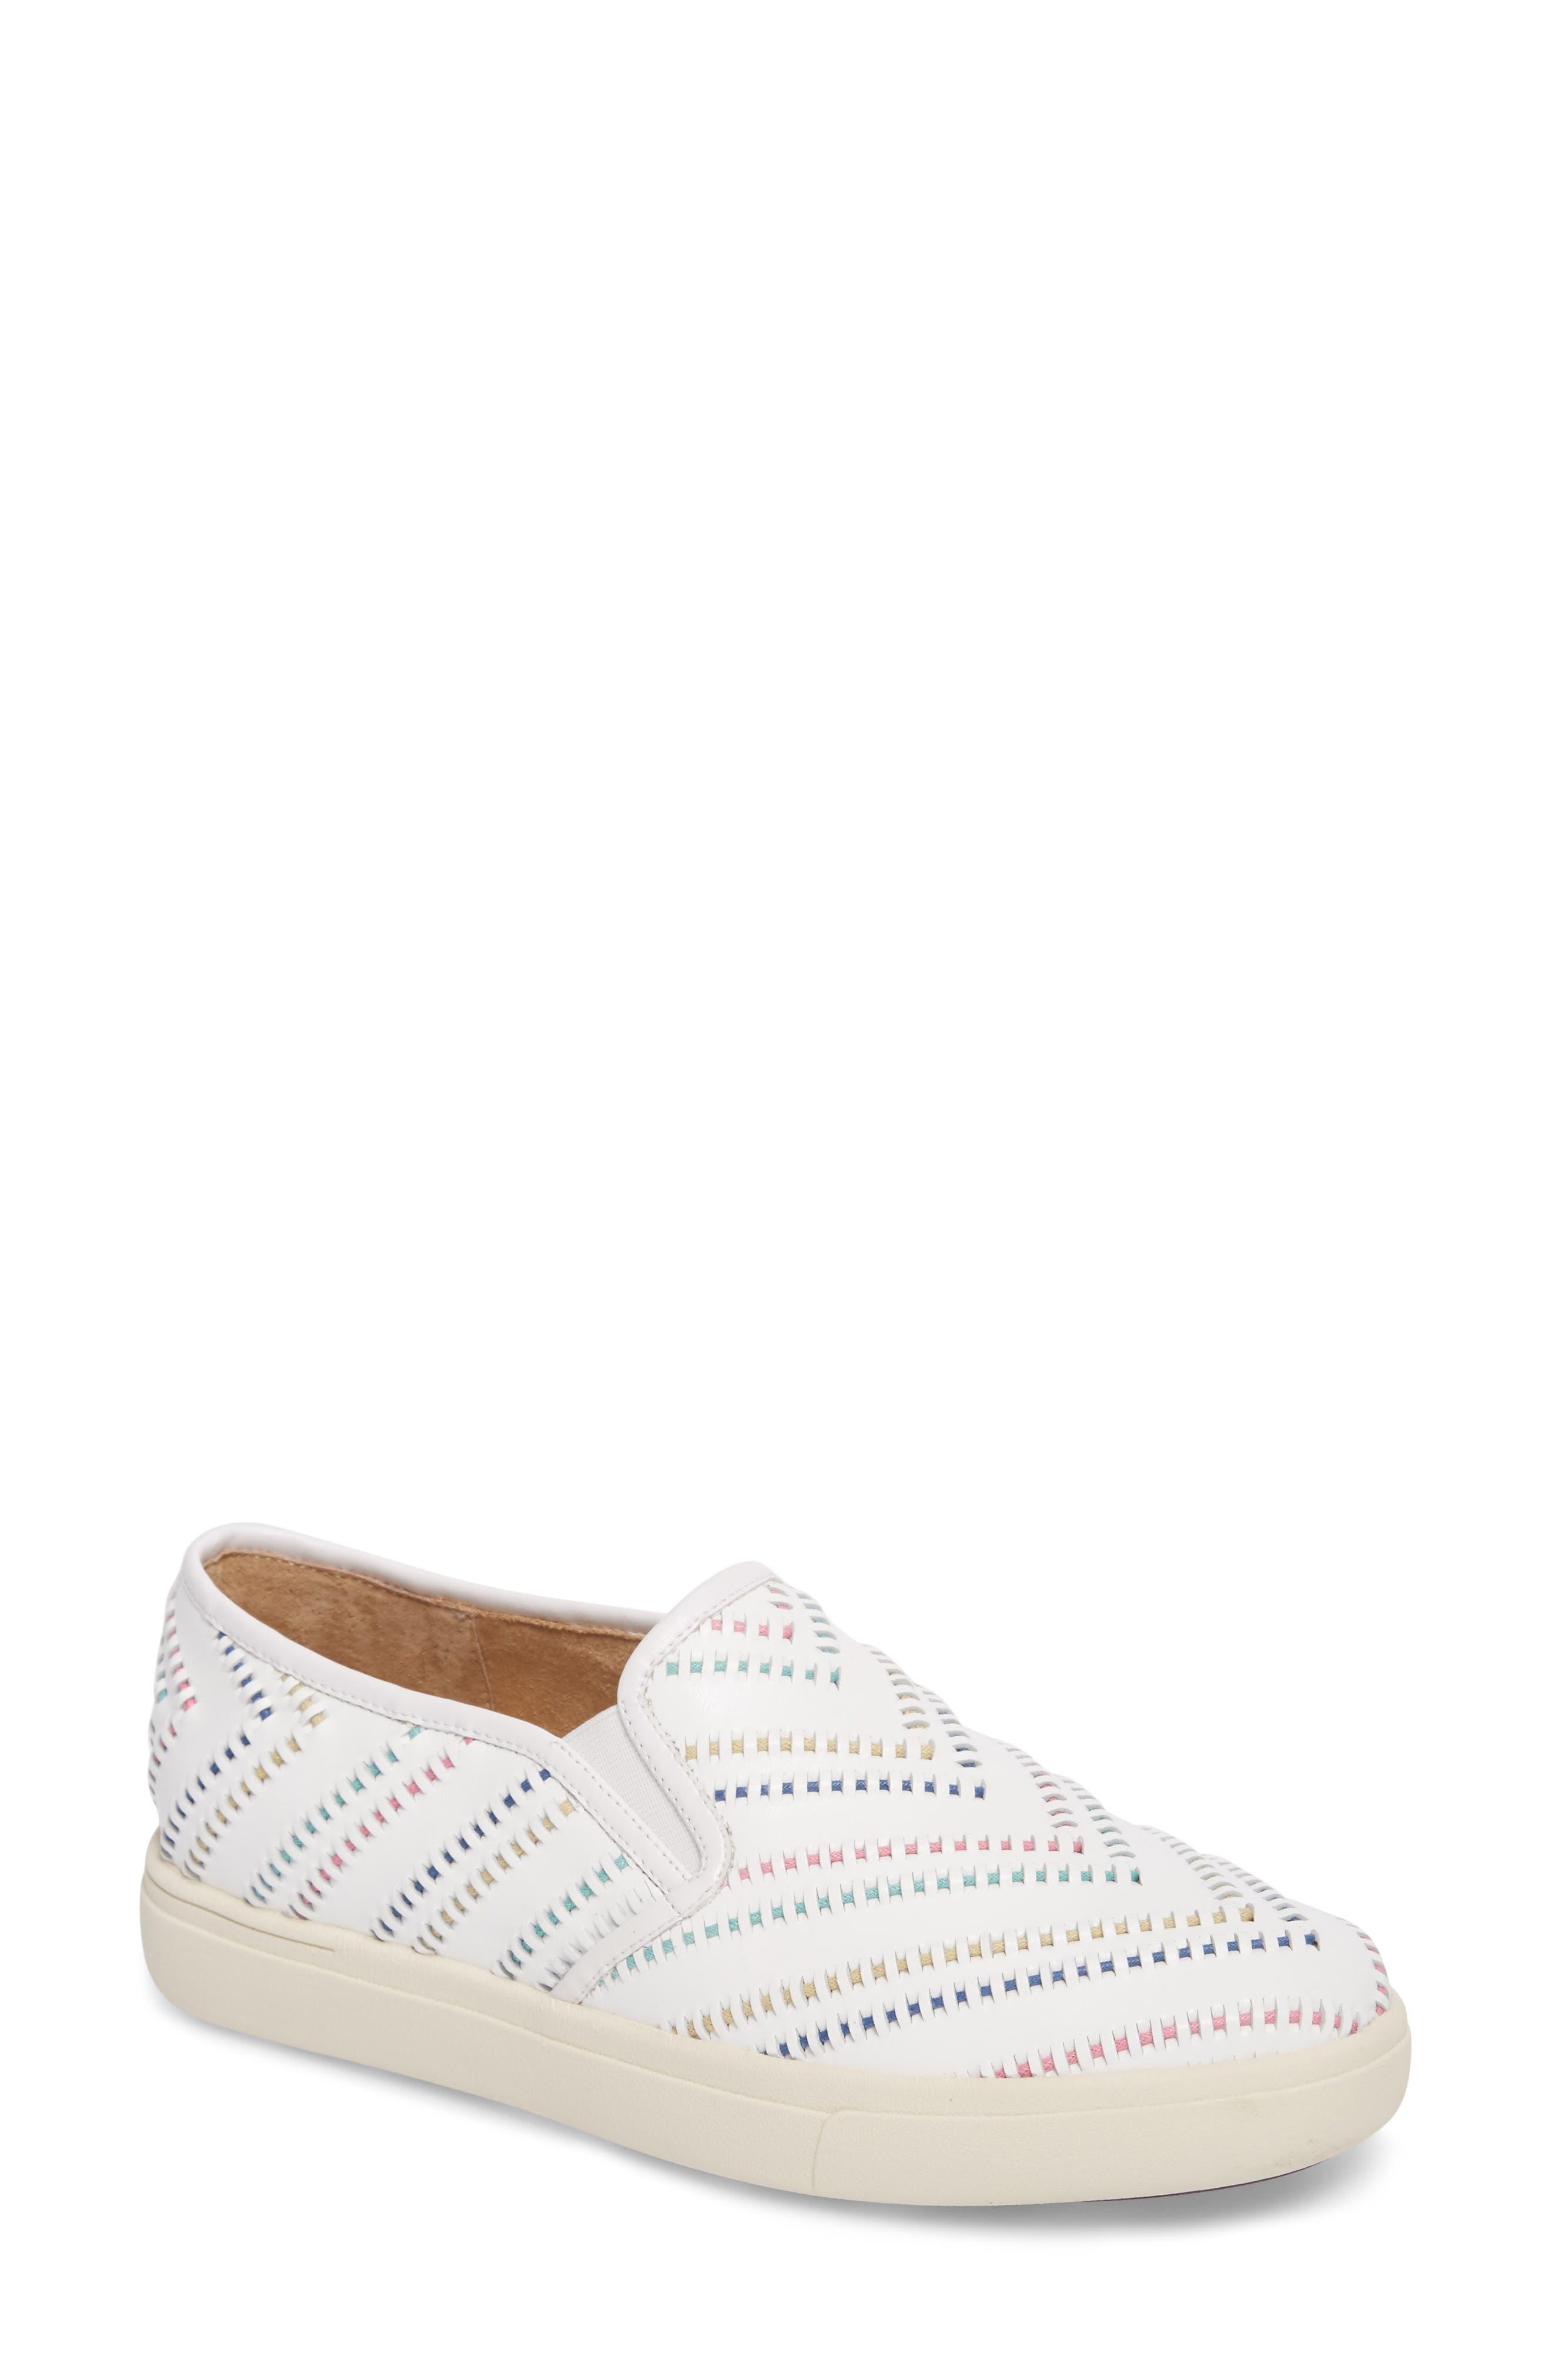 Ocean Slip-On Sneaker,                         Main,                         color, White Leather